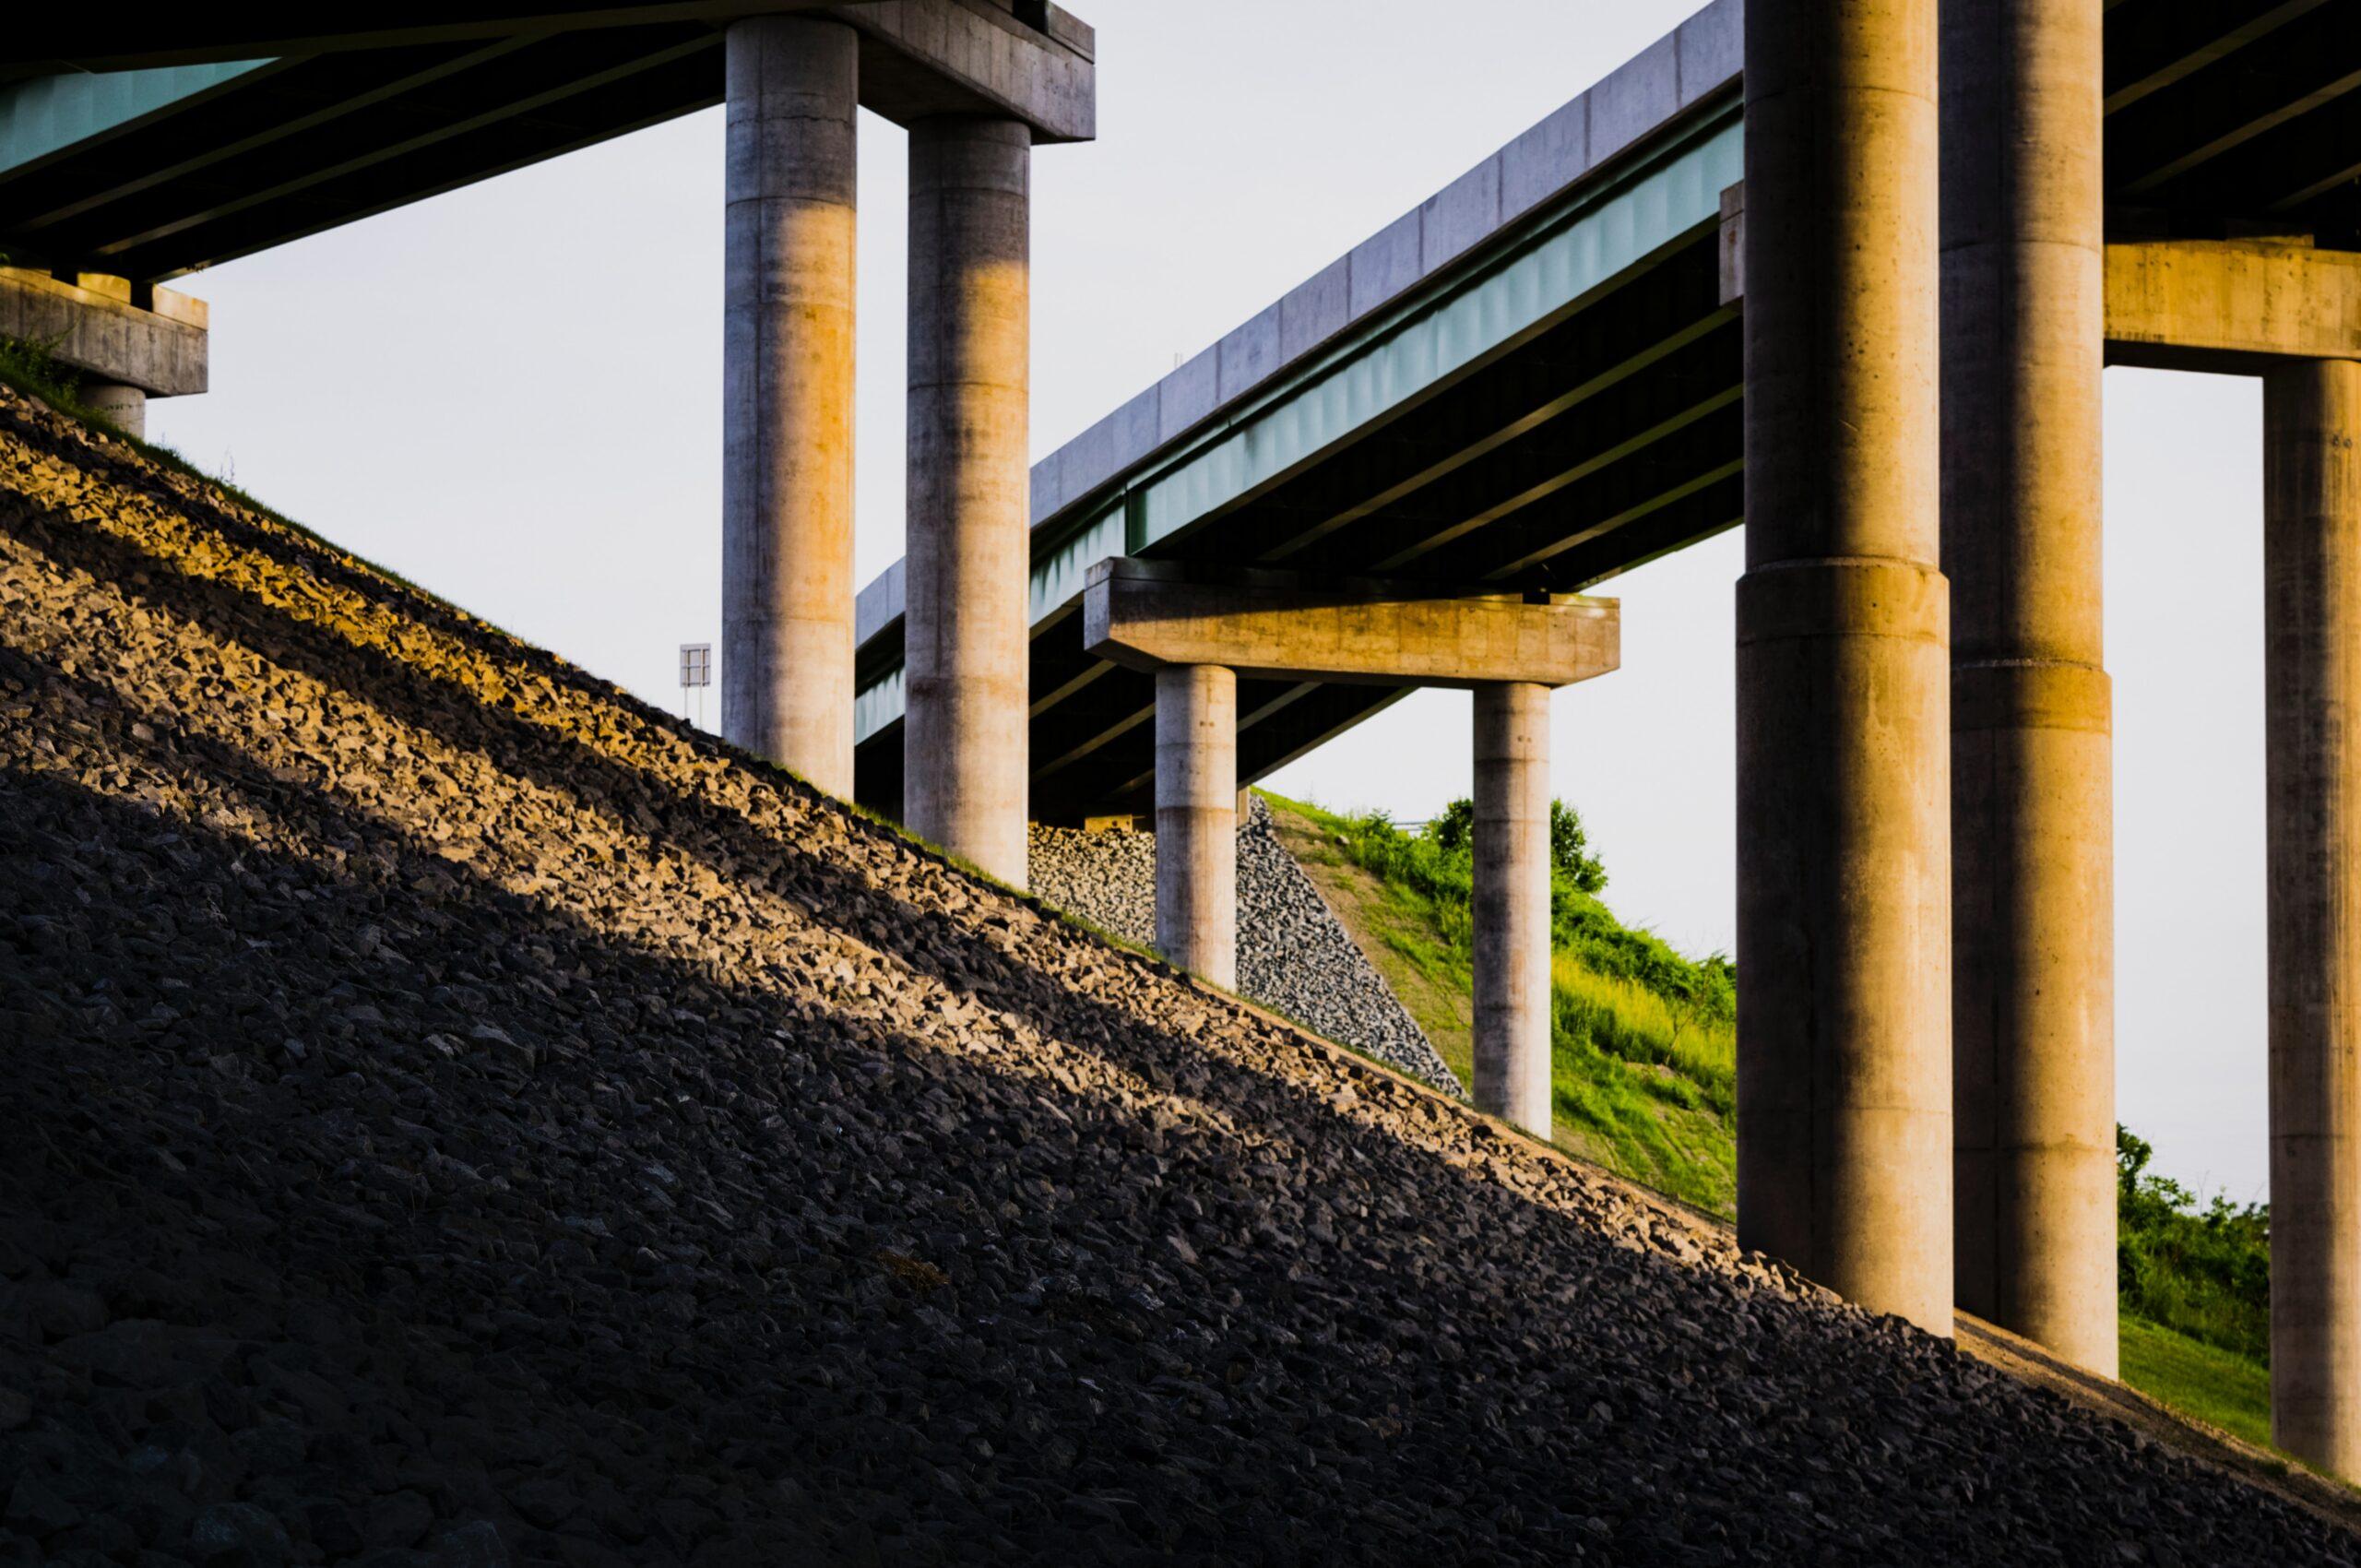 Perché è necessario investire in infrastrutture per rimettere in moto l'Italia, numeri alla mano